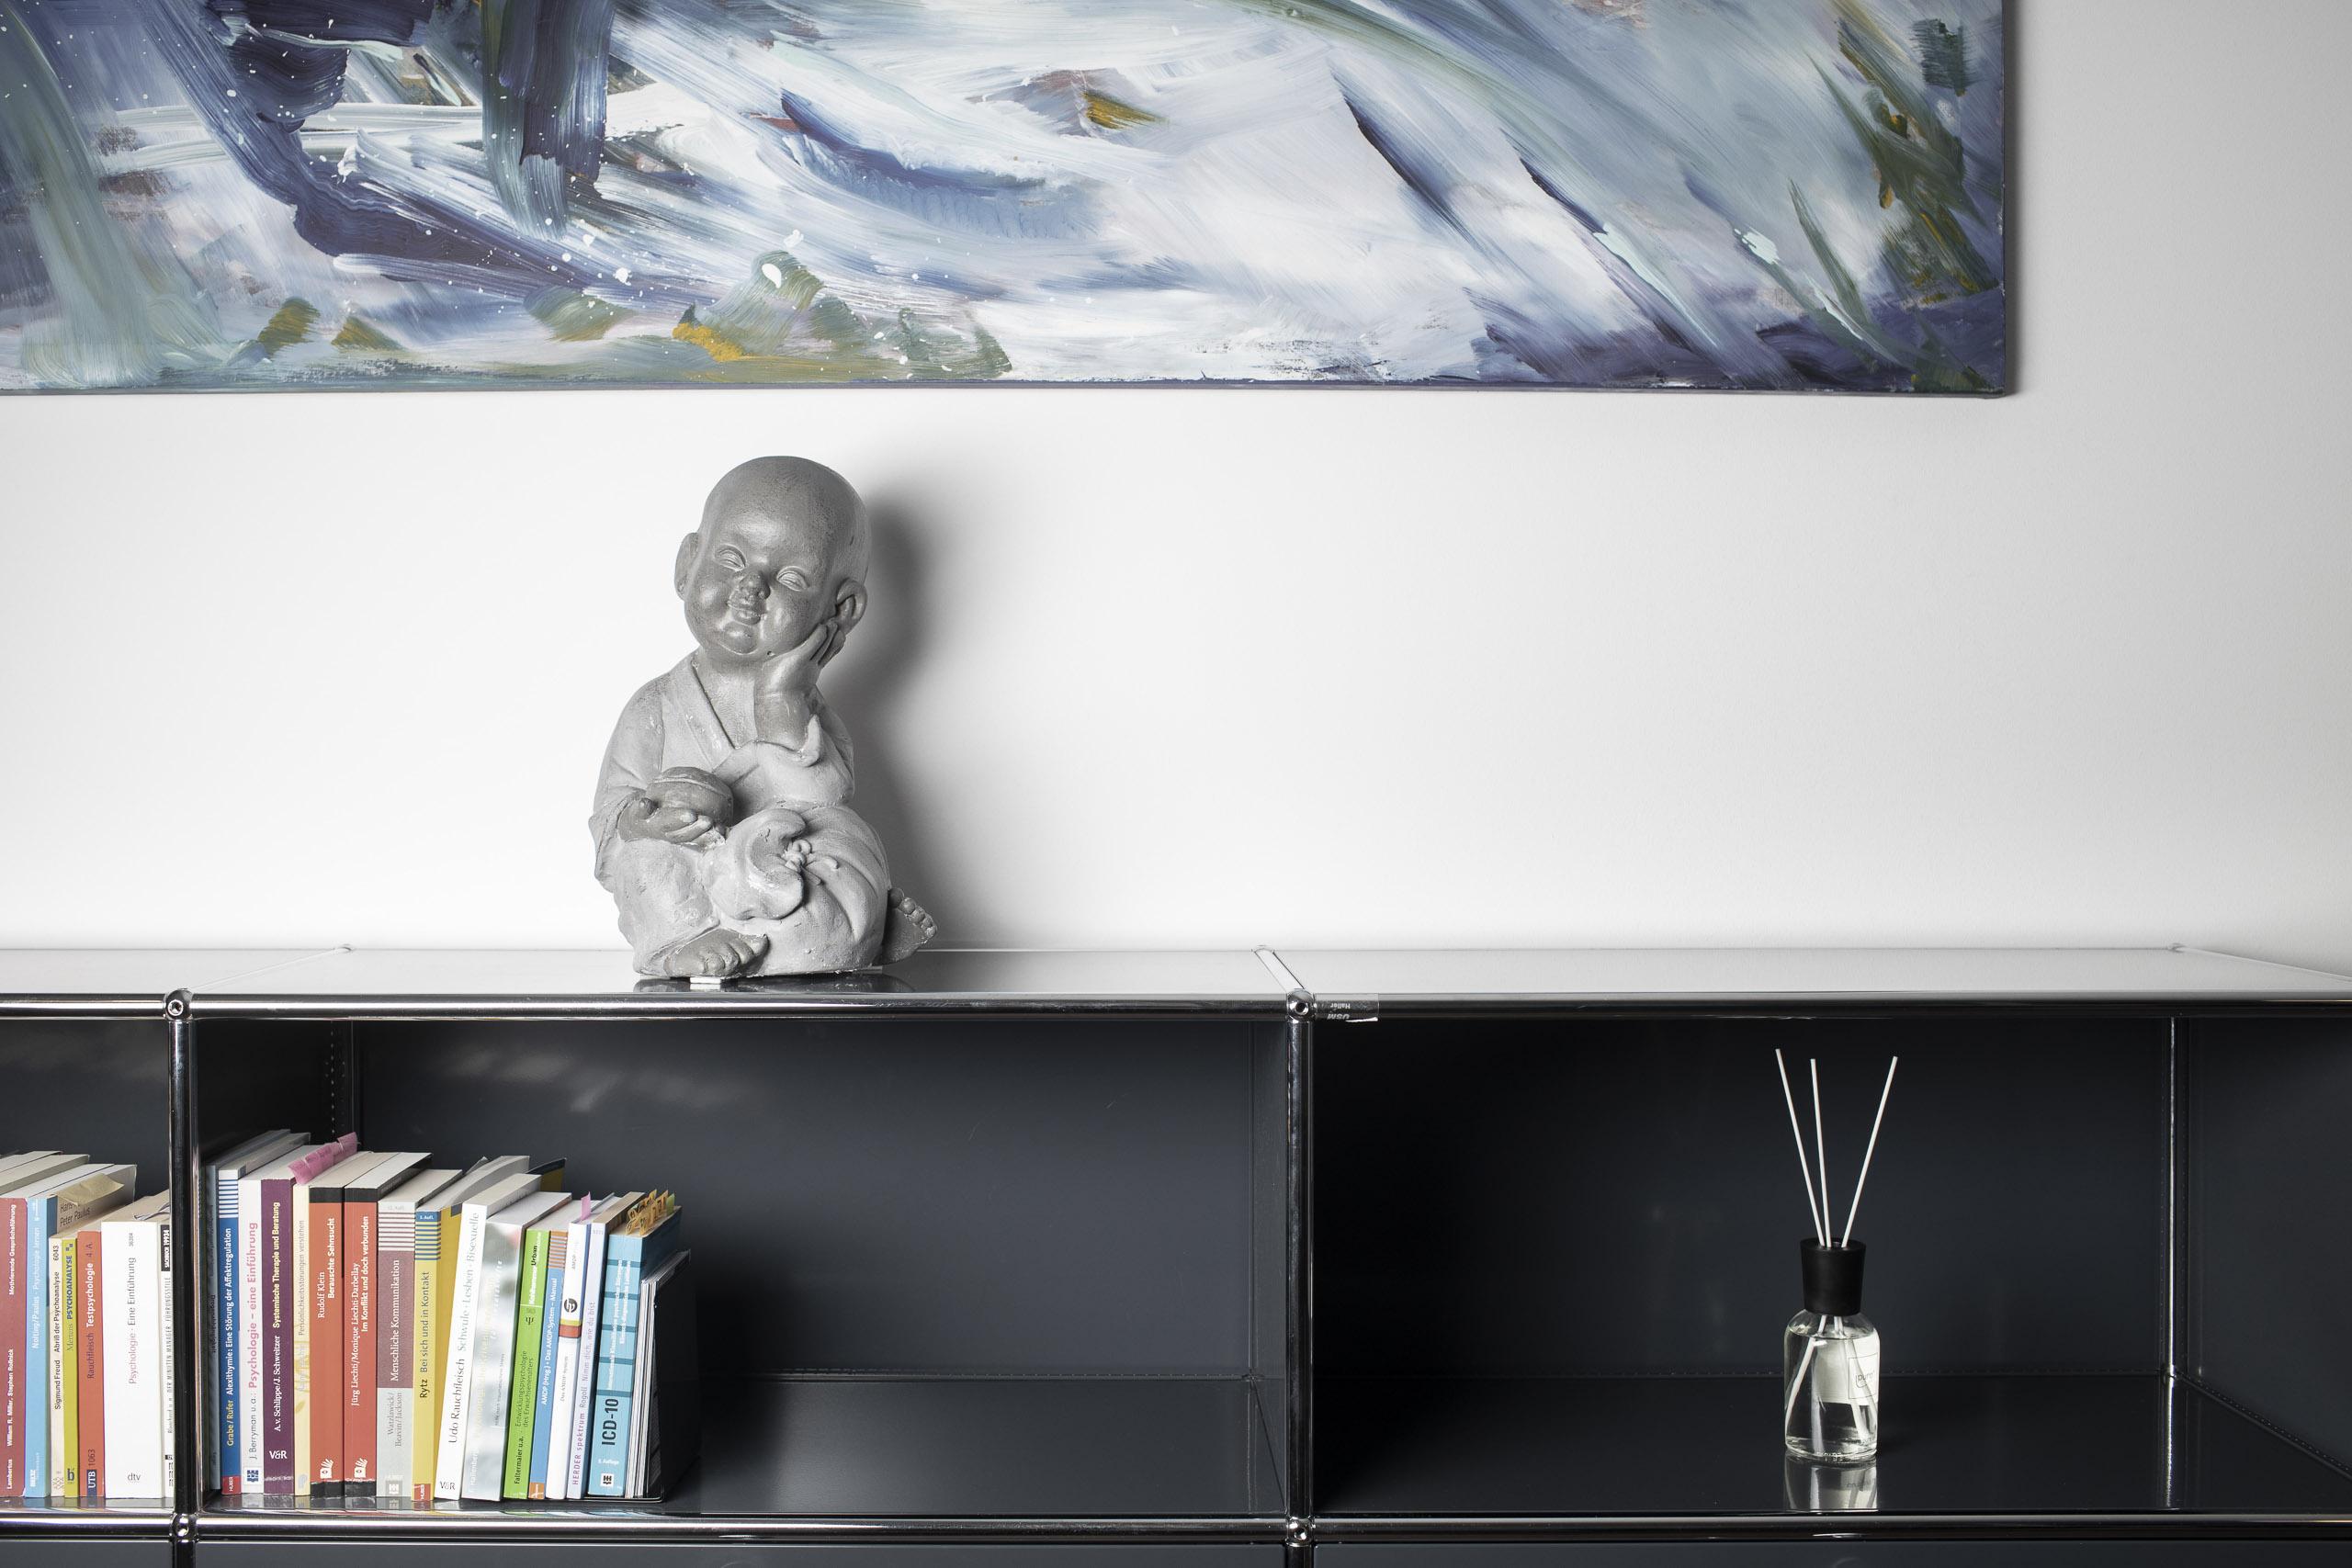 Statue auf einem Bücherregal